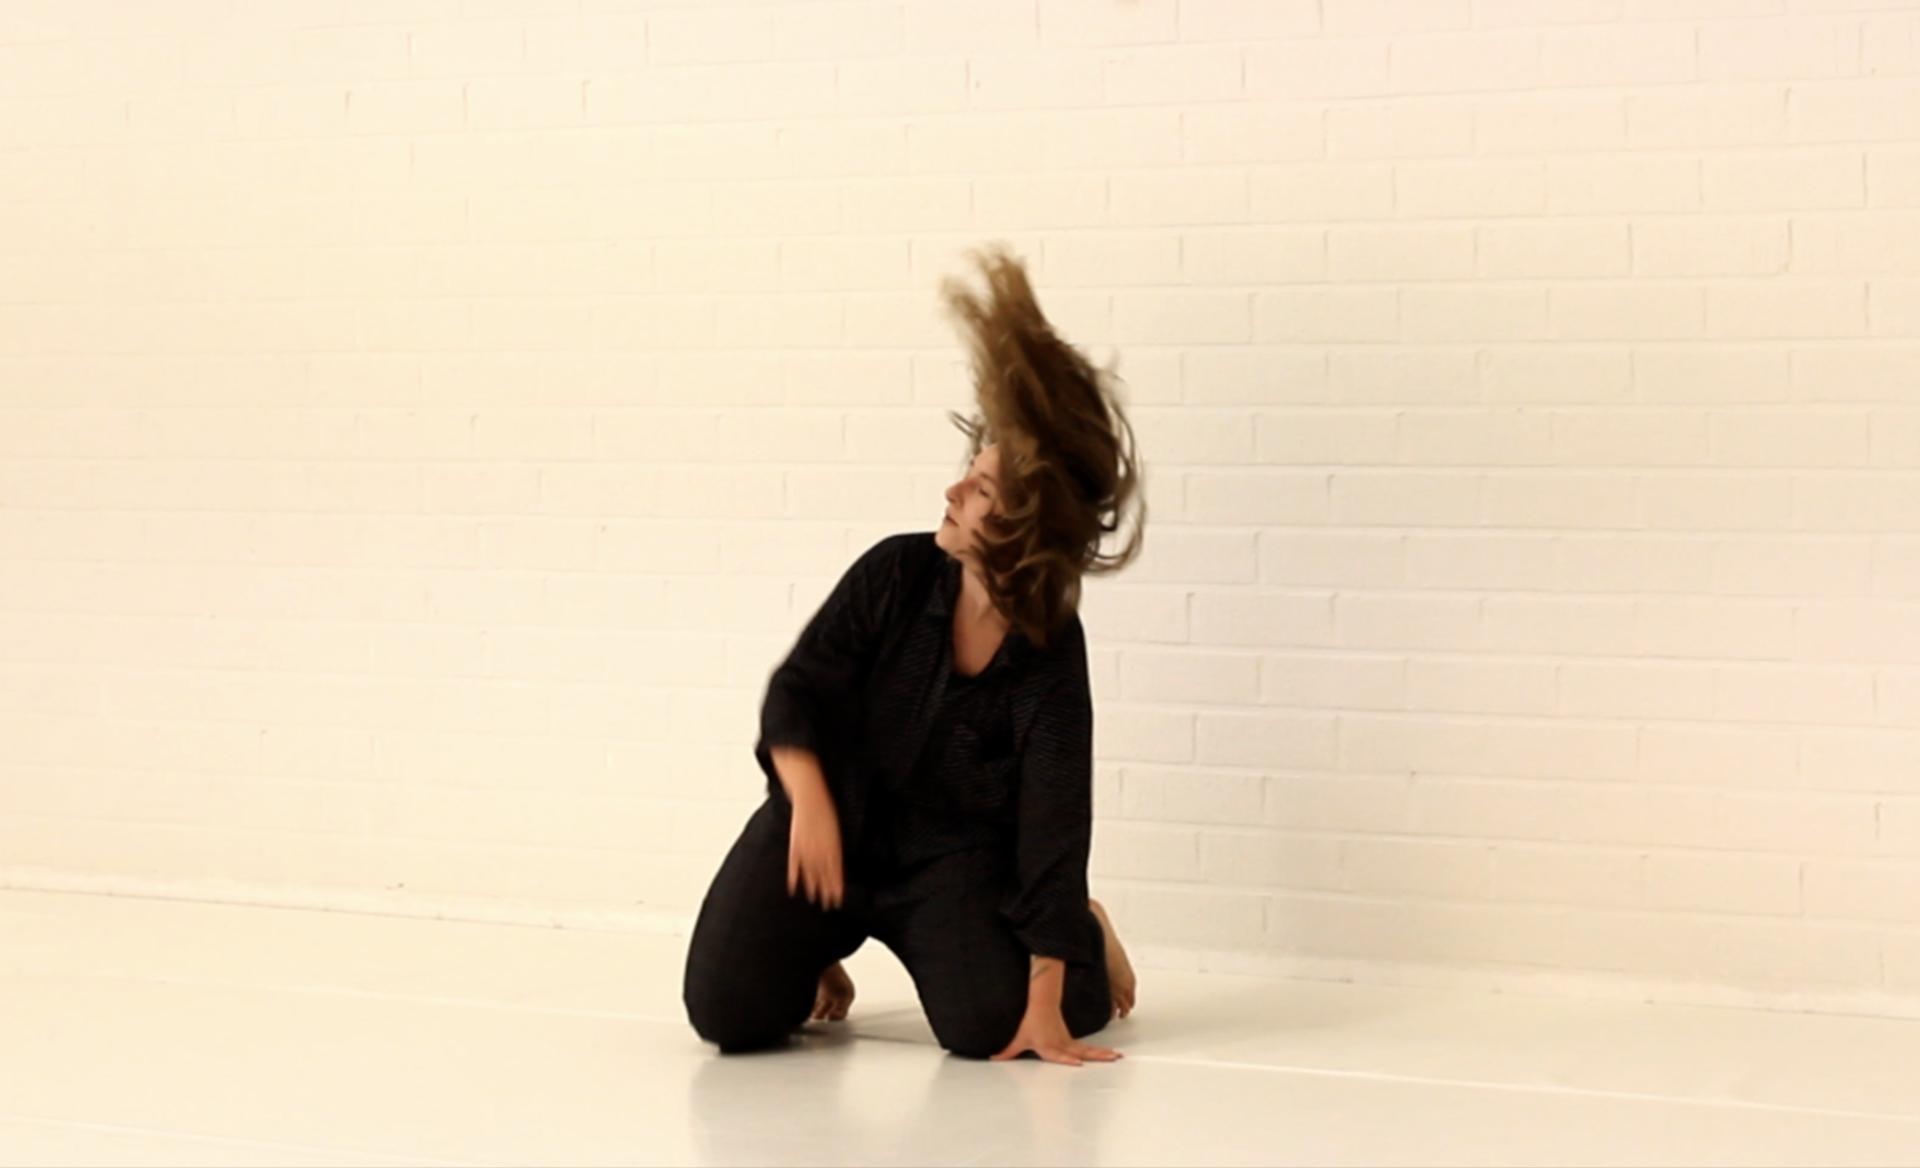 Henkilö kesken tanssin, polvillaan ja tukka hulmuten.